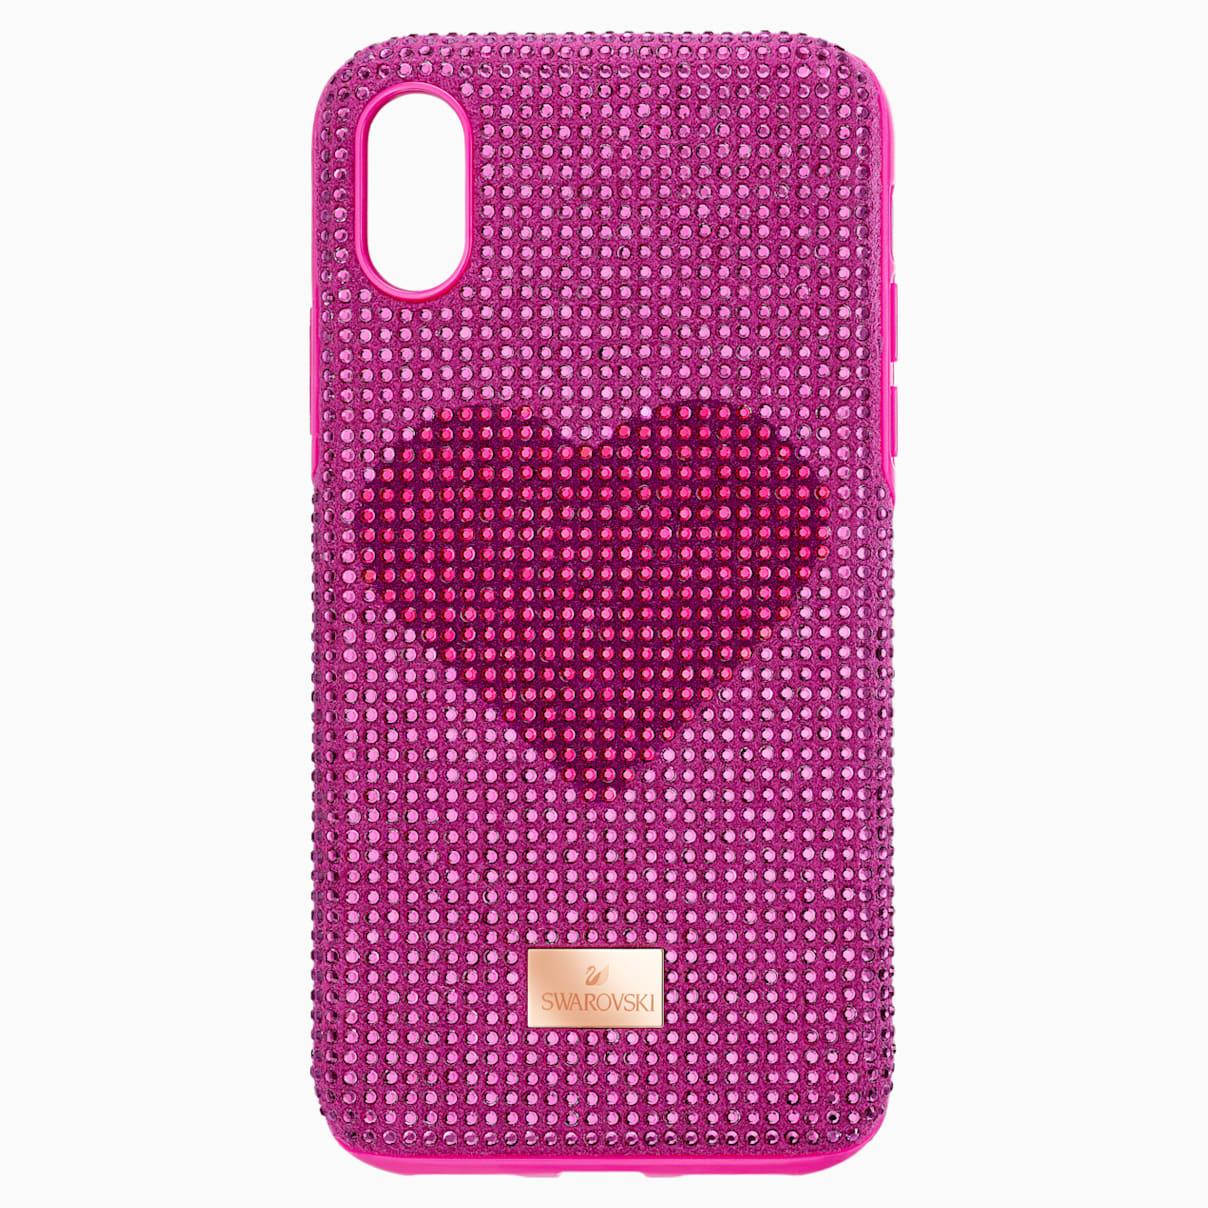 Custodia per smartphone con bordi protettivi Crystalgram Heart, iPhone® XS Max, rosa